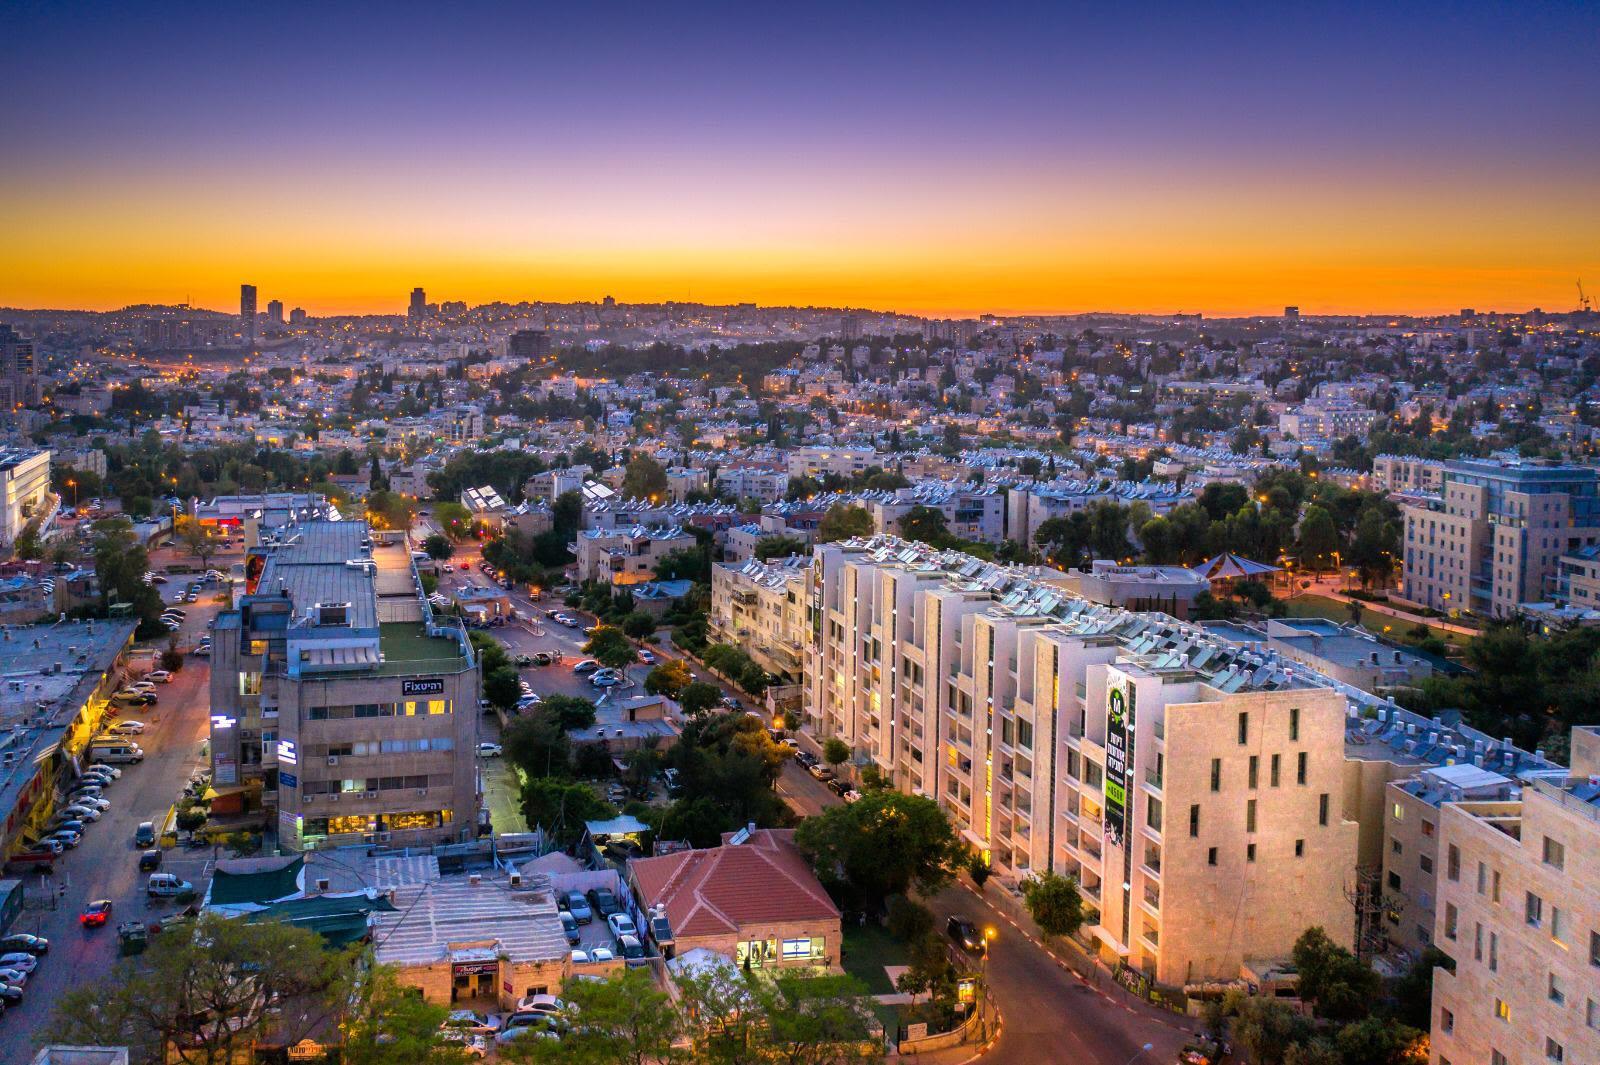 רבקה 22 - פינוי ובינוי בירושלים